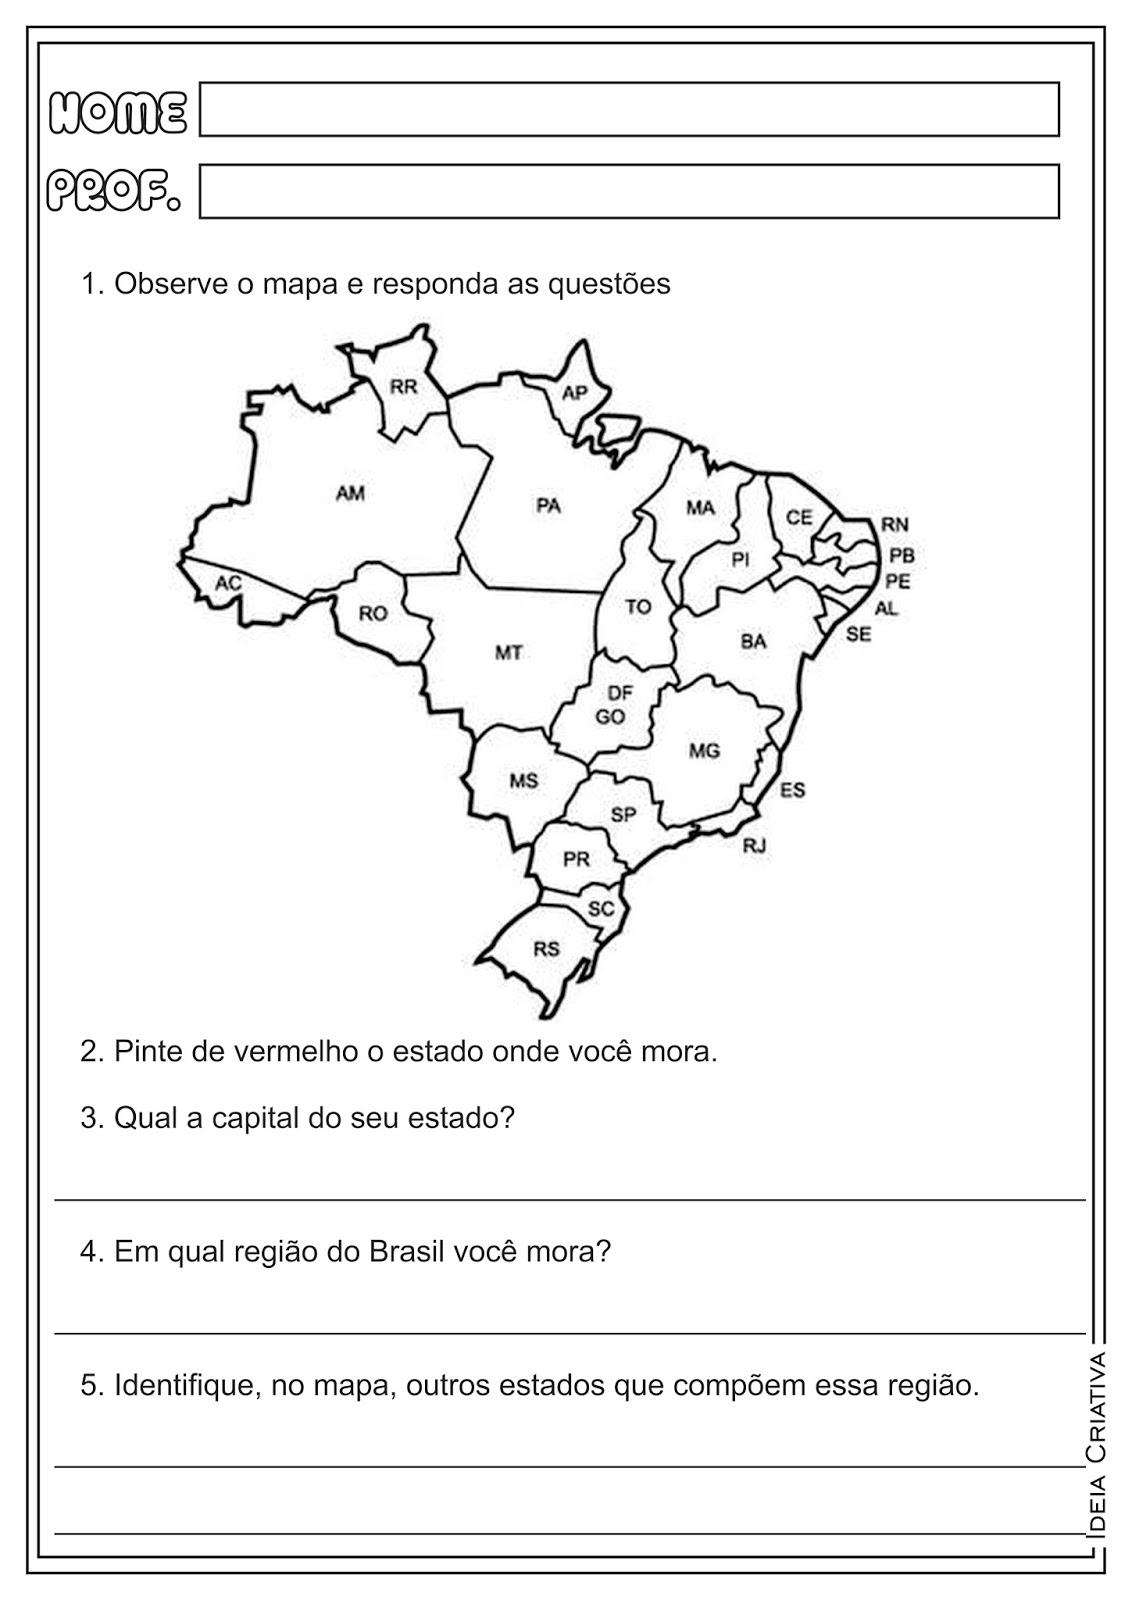 Famosos Atividades sobre estados, capitais e regiões do Brasil - Geografia  VN81